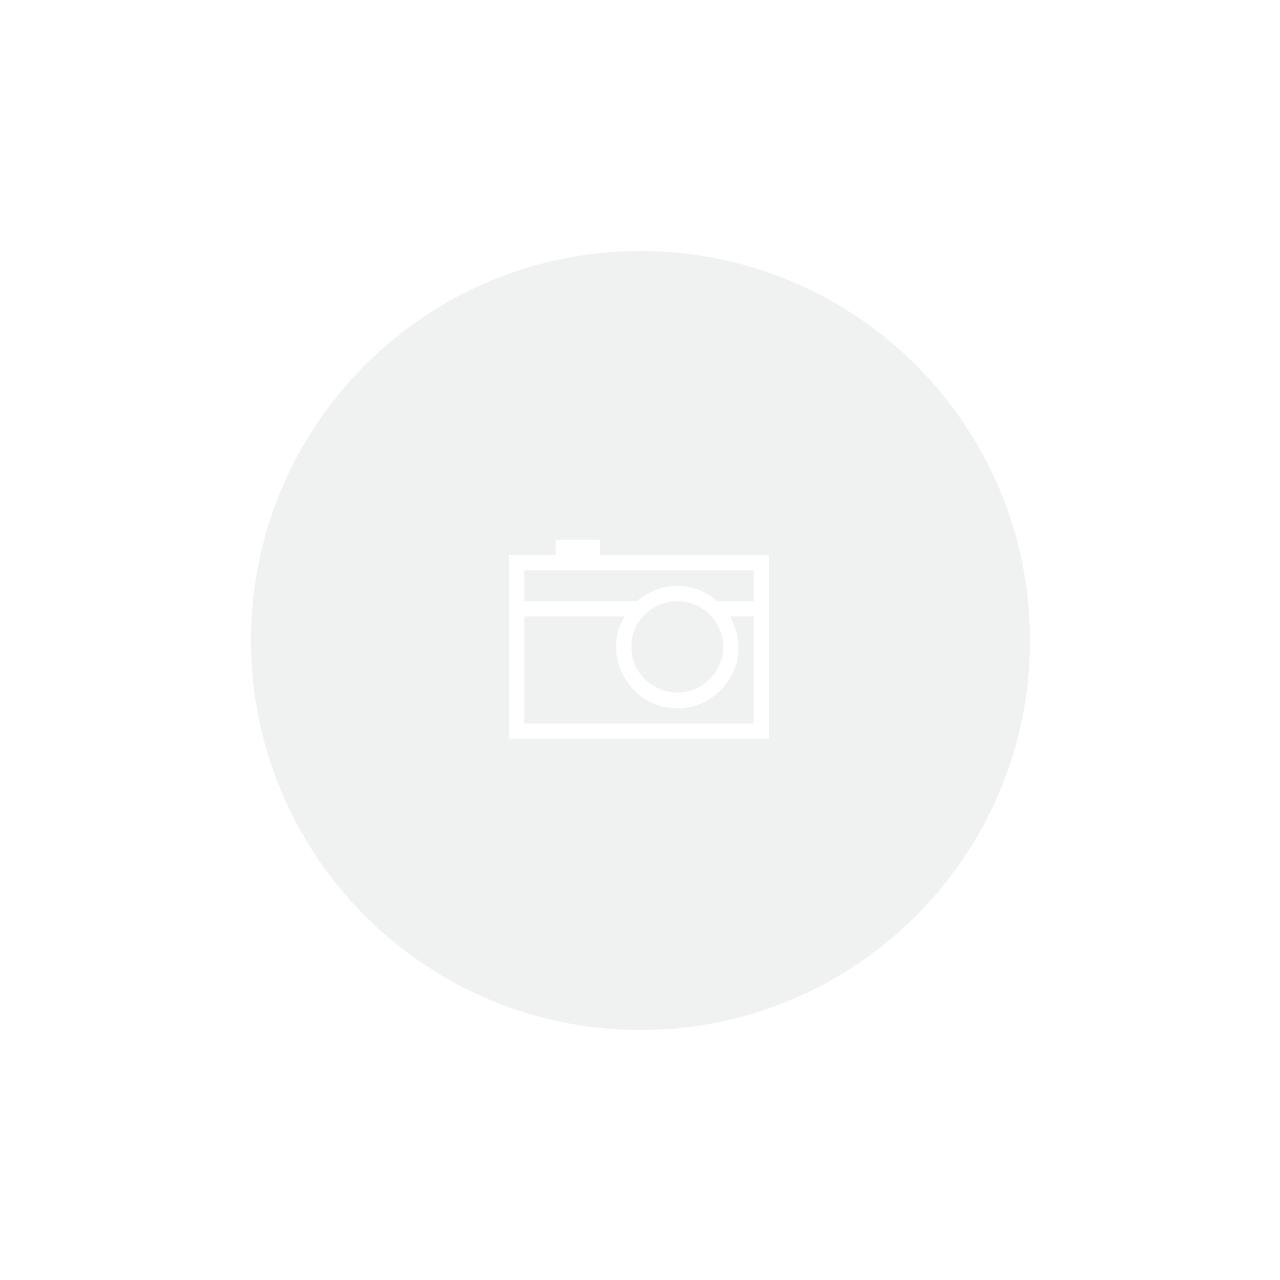 Banheira Branca 10x20x11,5cm Essenza